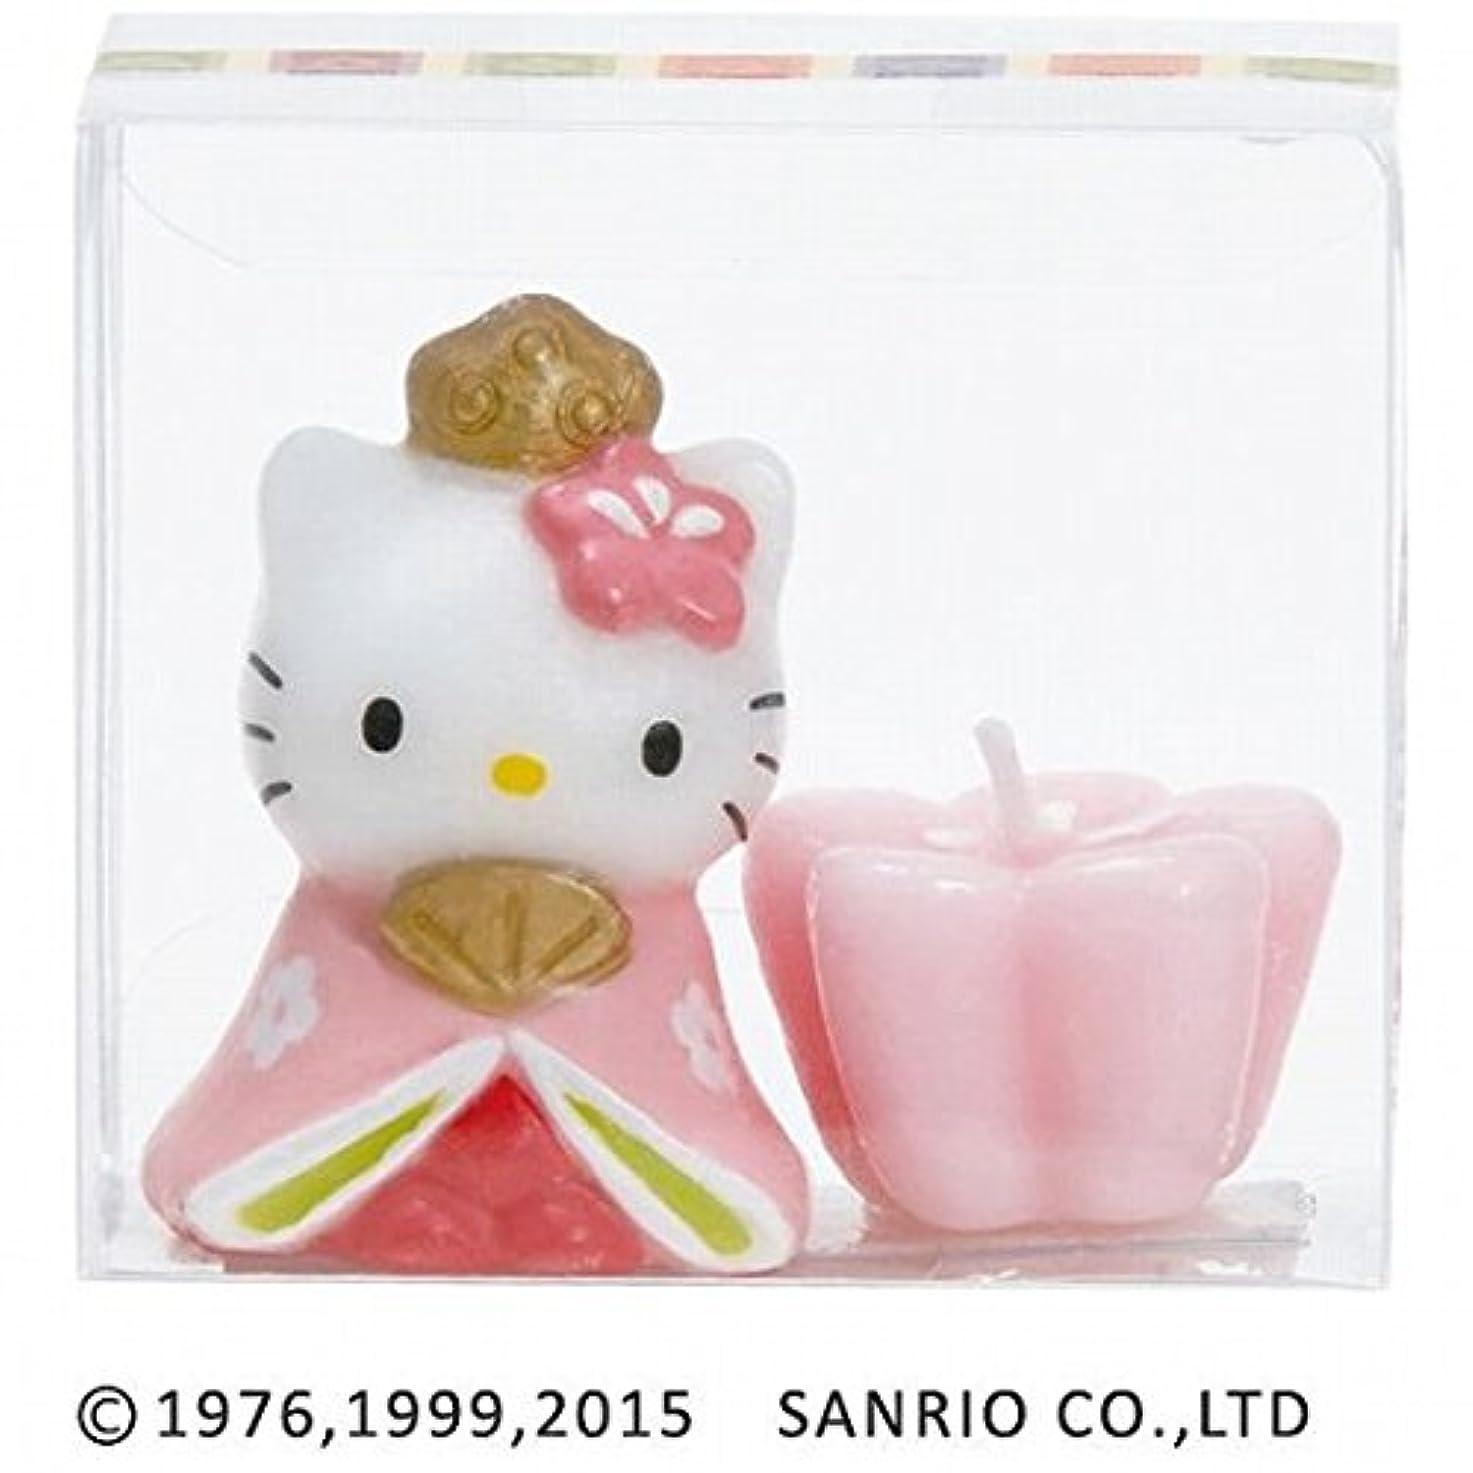 一過性効果正確さkameyama candle(カメヤマキャンドル) ハローキティひな祭りキャンドル 「 おひなさま 」(56270000)